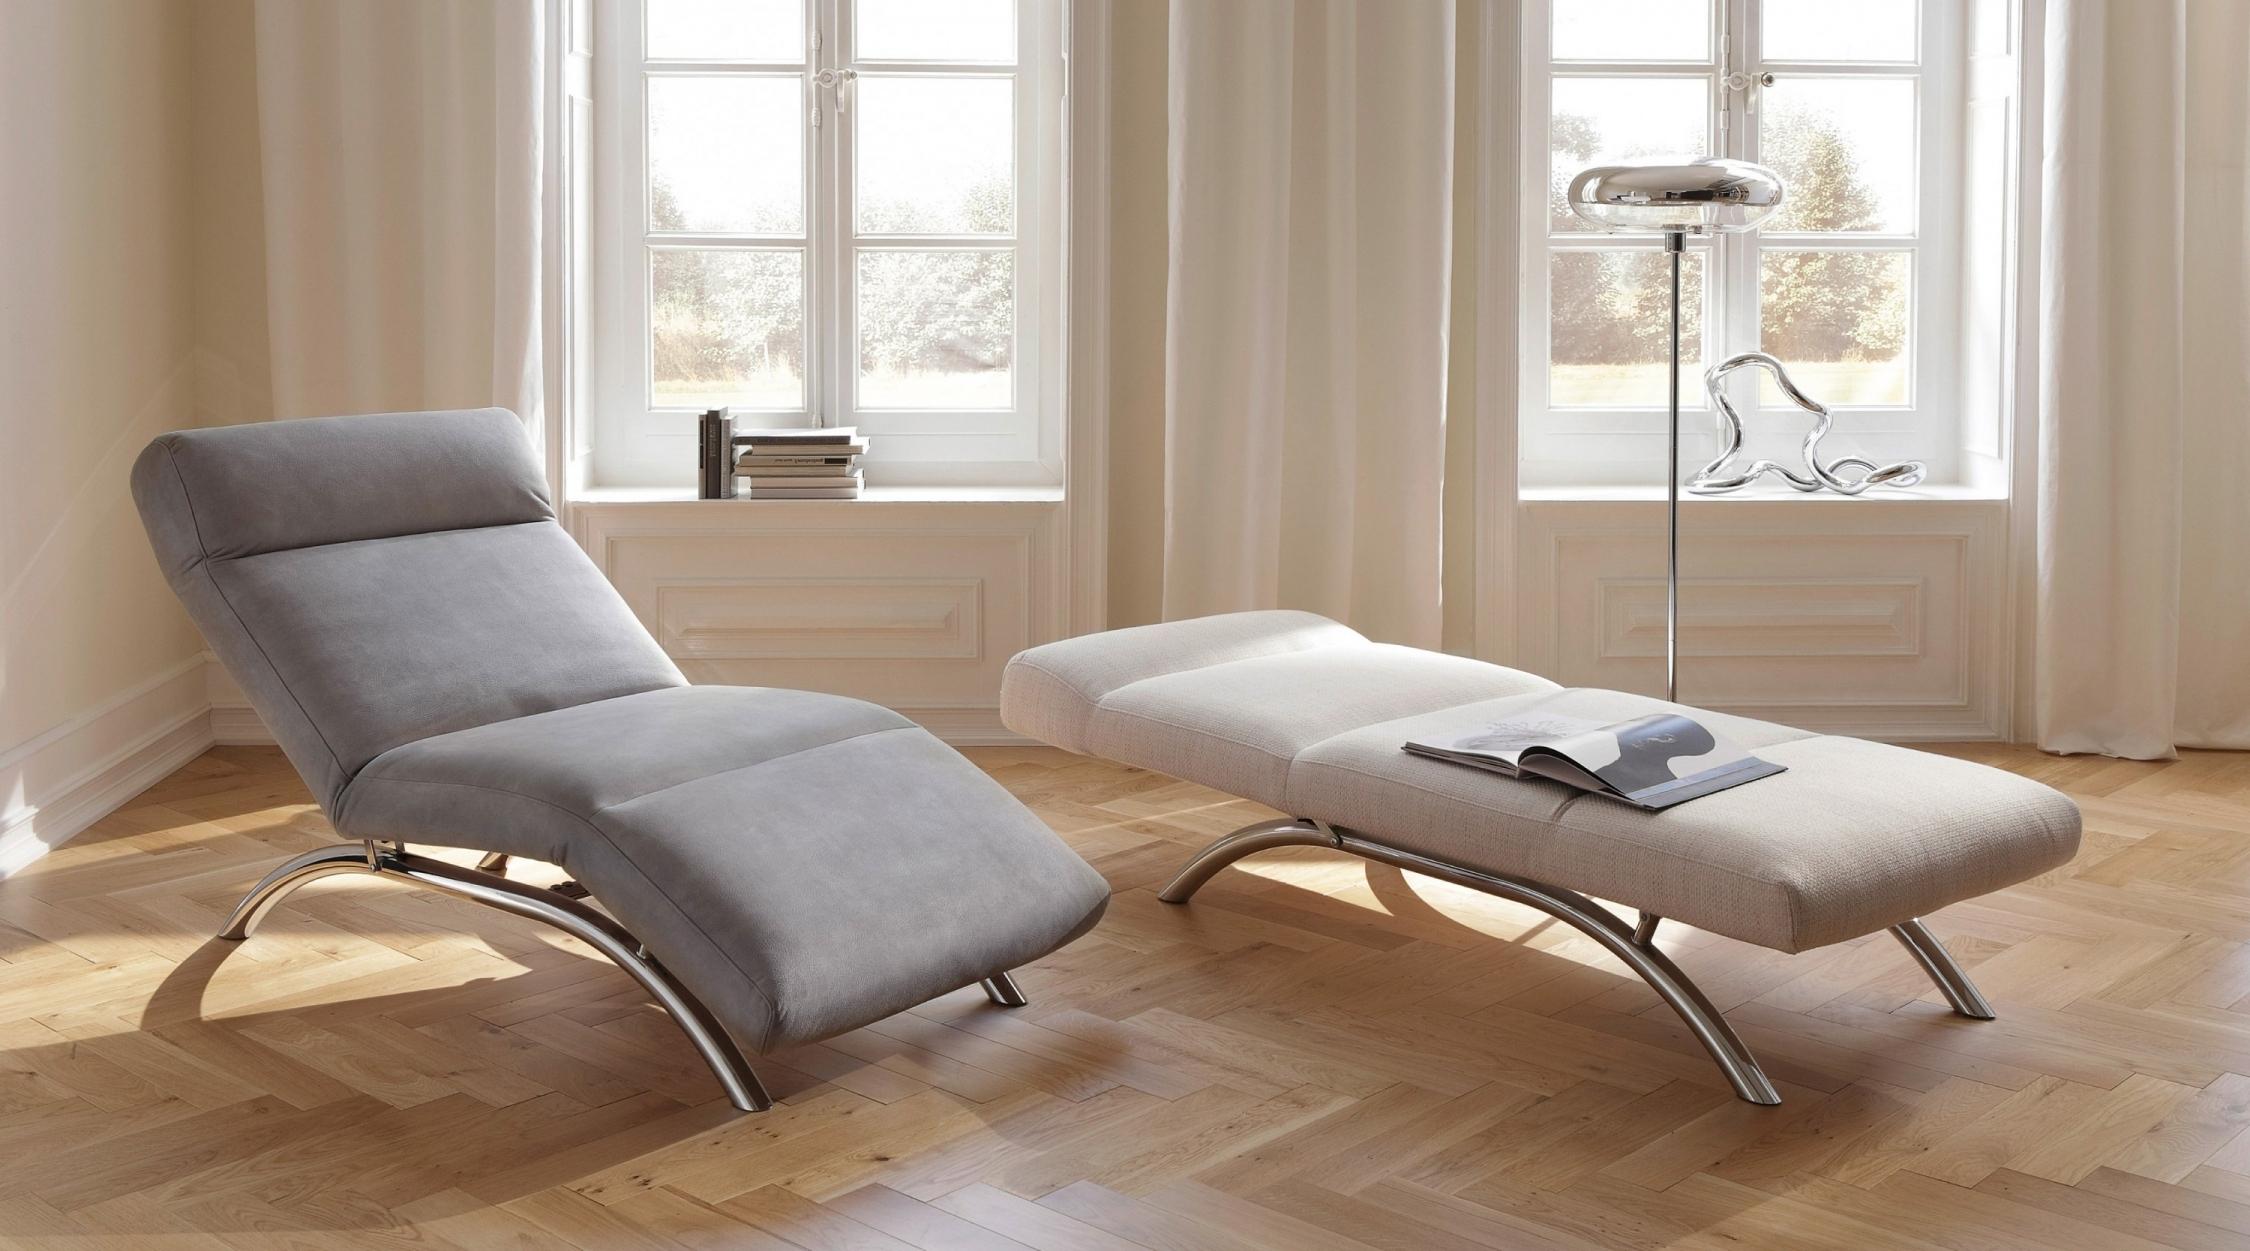 Full Size of Designer Liegestuhl Wohnzimmer Ikea Relax Liege Liegen Leder Stylische Bilder Modern Pendelleuchte Poster Kamin Deckenleuchten Hängeschrank Weiß Hochglanz Wohnzimmer Wohnzimmer Liegestuhl